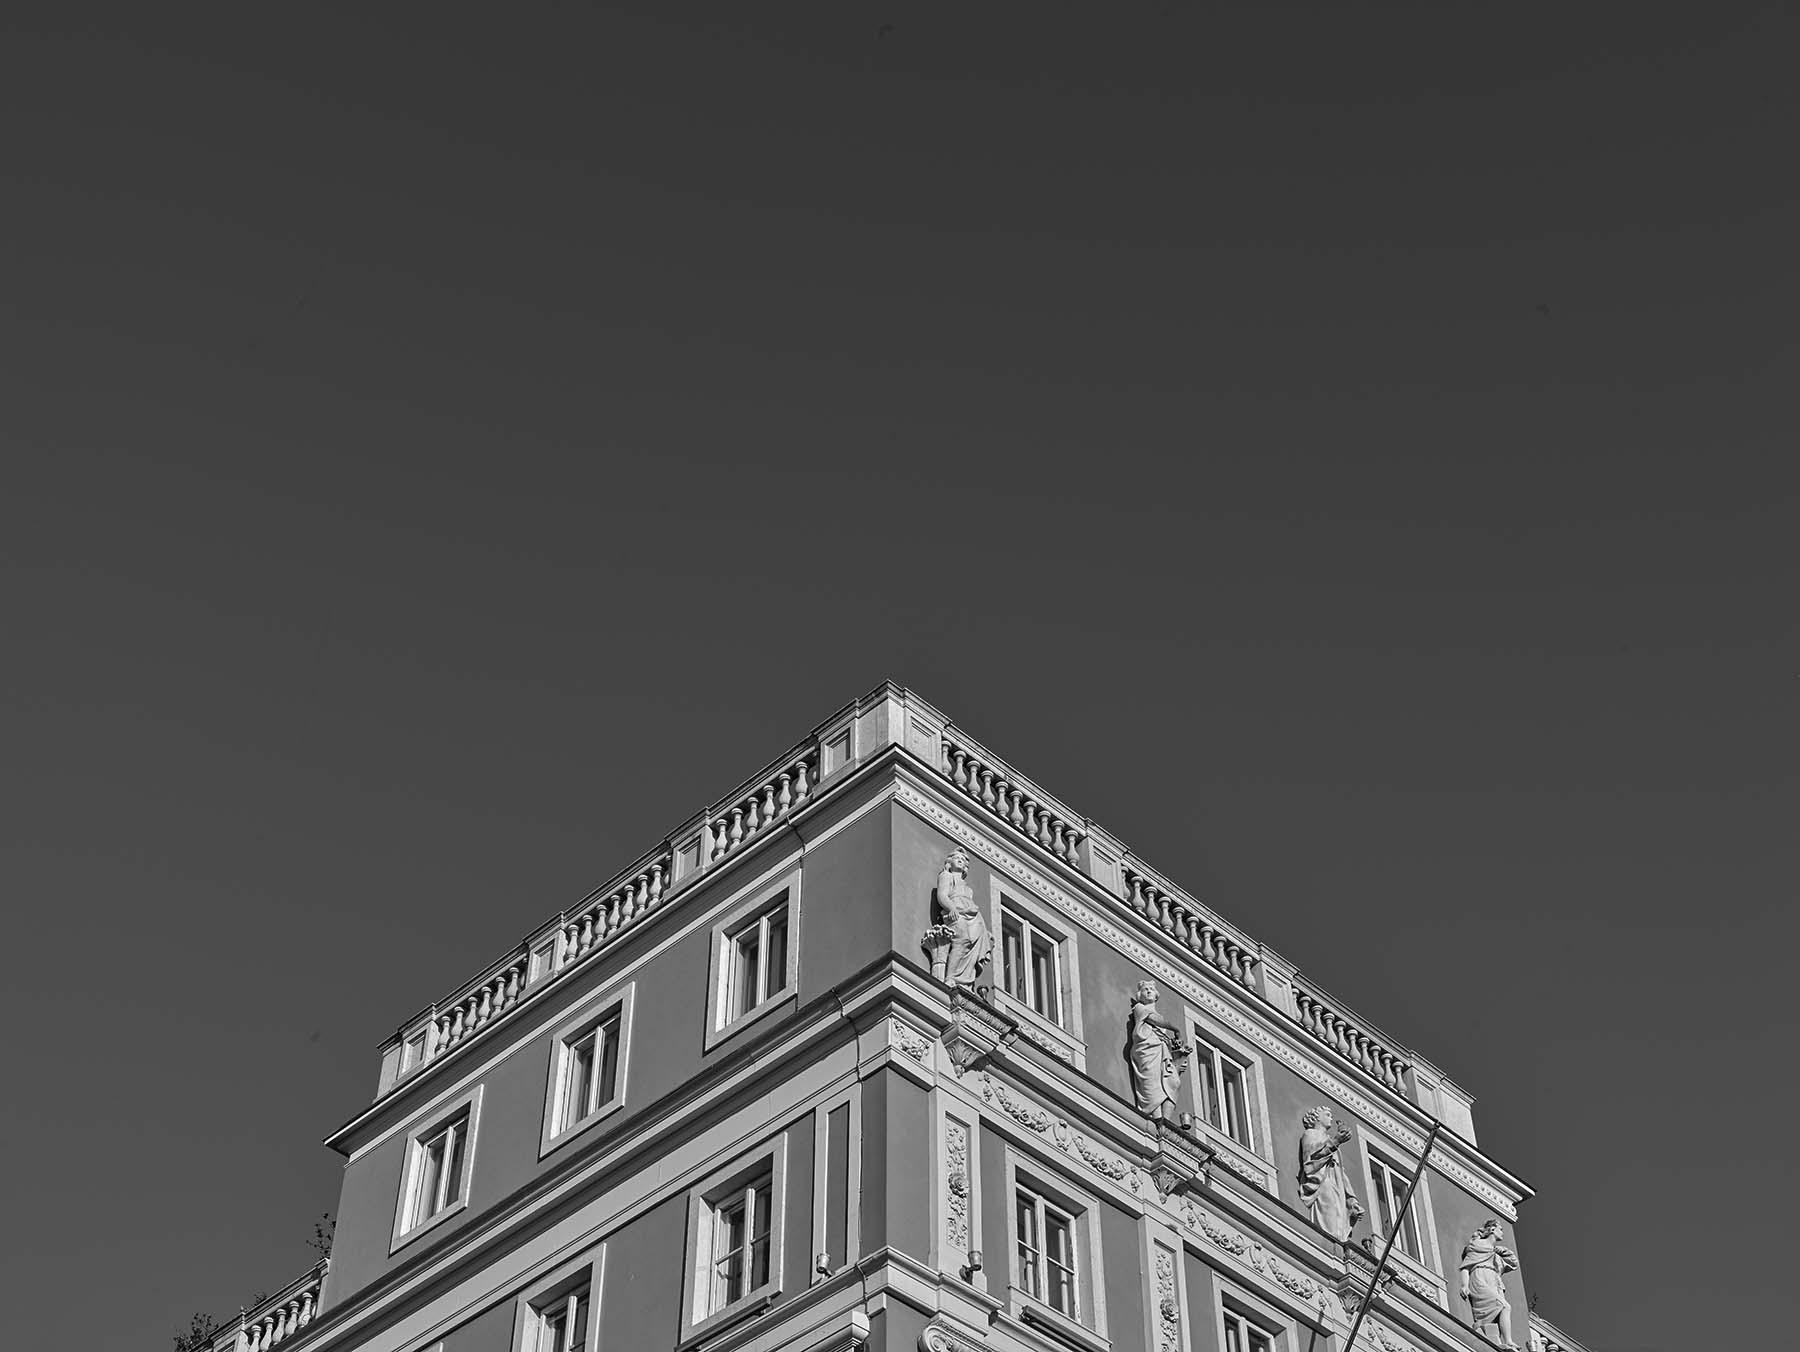 Trieste 3, Trieste Italy